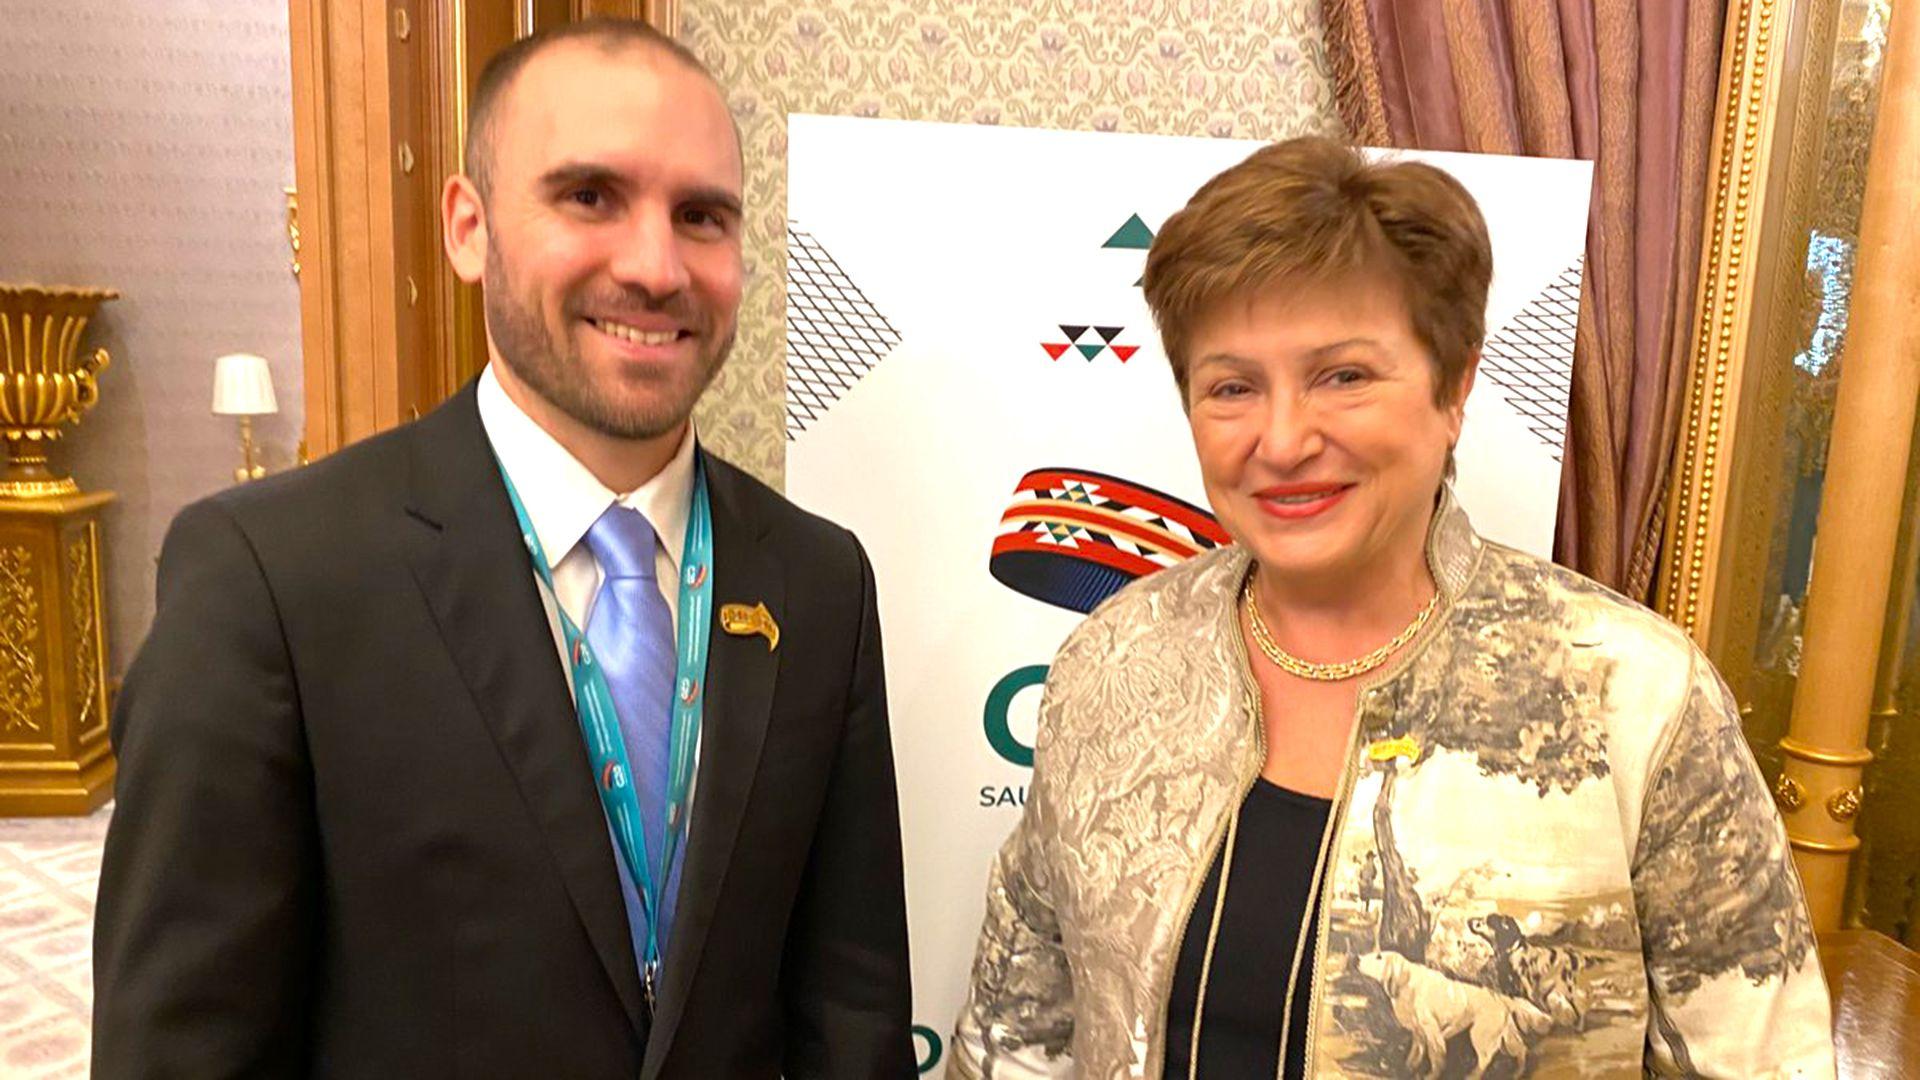 Martín Guzmán y Kristalina Georgieva, directora gerente del FMI. (@KGeorgieva)